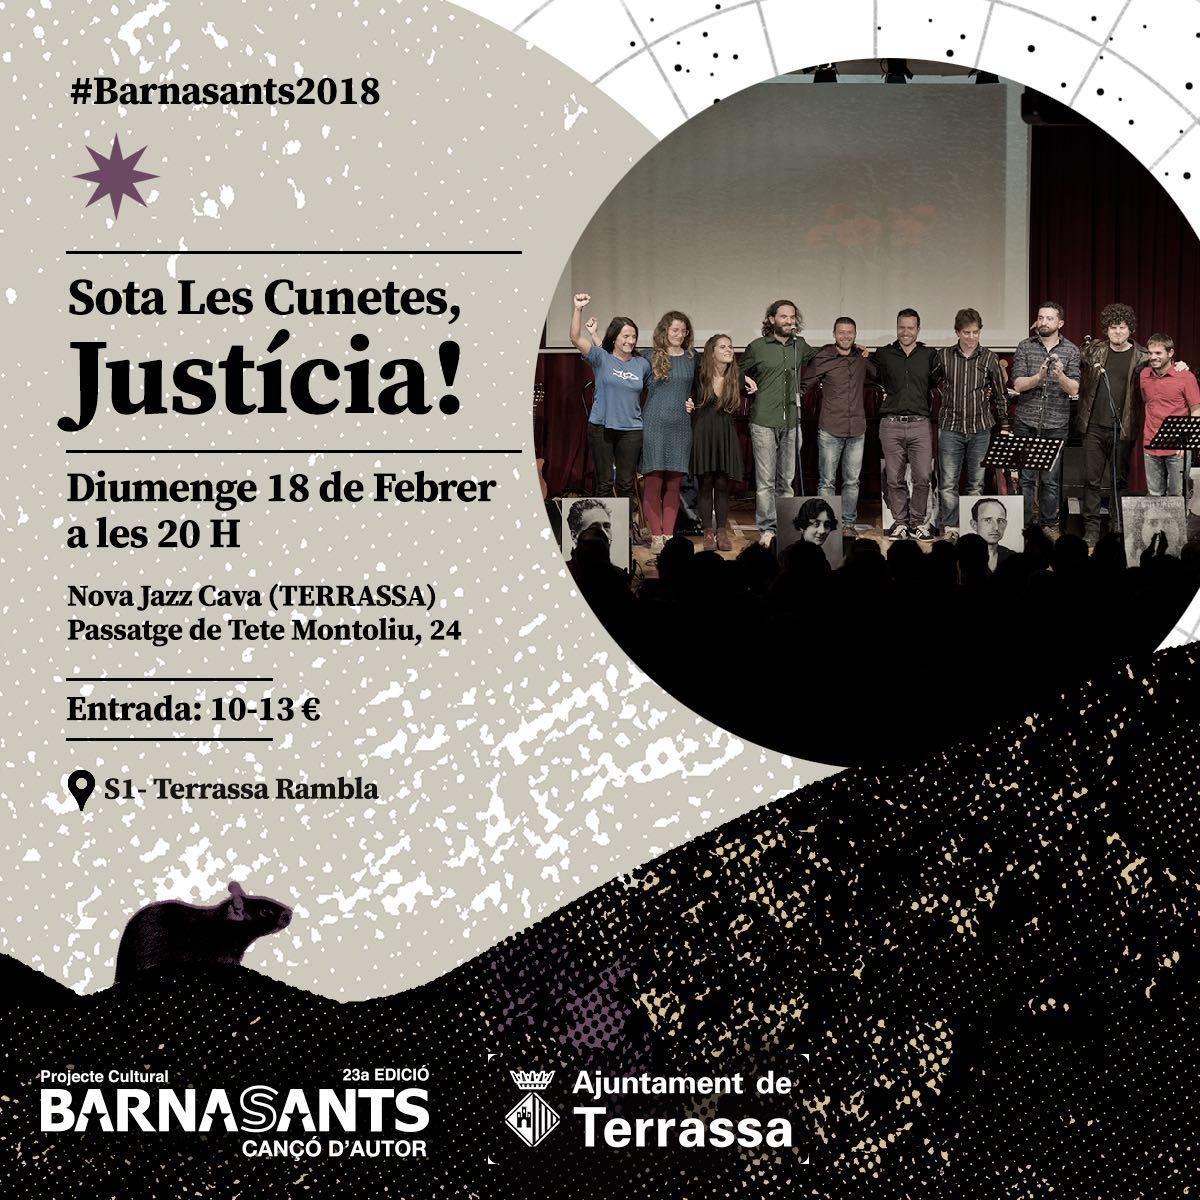 Aquest Dijous a la Nova Jazz Cava de Terrassa les noves veus de la cançó, buscaran la Justícia Sota de les Cunetes, amb la banda sonora d'una llarga i dolorosa etapa de la nostra història recent...